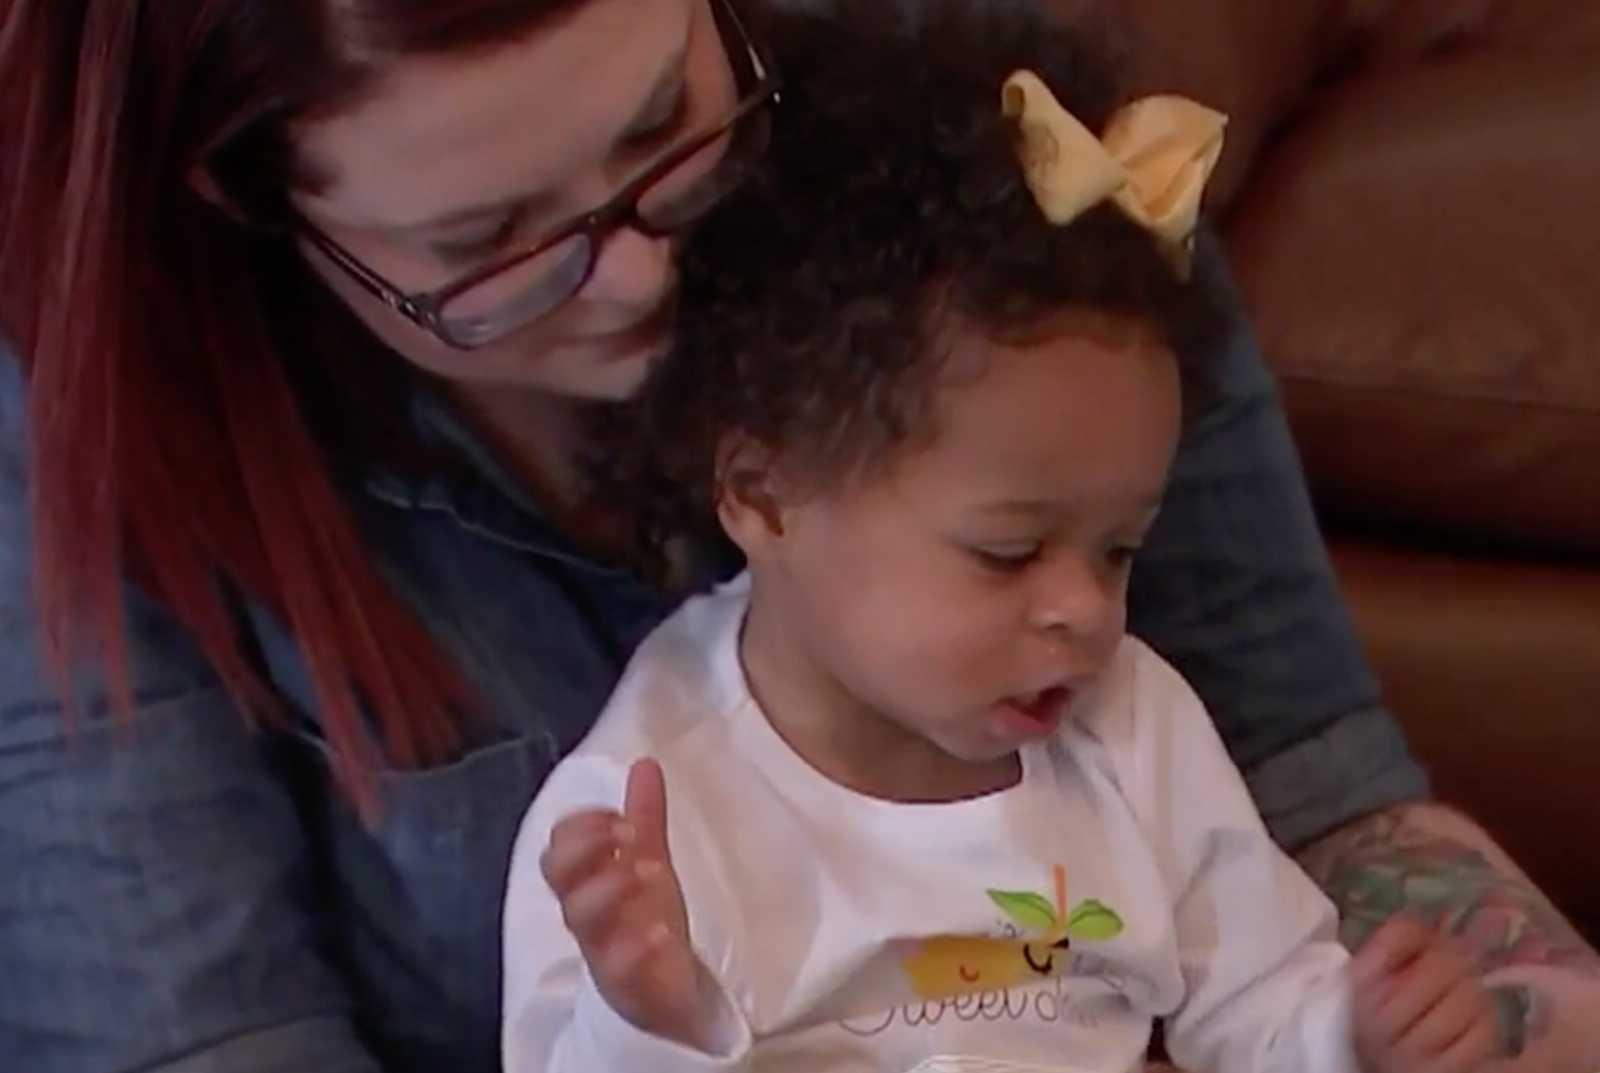 Enfermeira salva vida de bebê que sofreu maus tratos, descobre que ela tem irmã gêmea e adota as duas 1